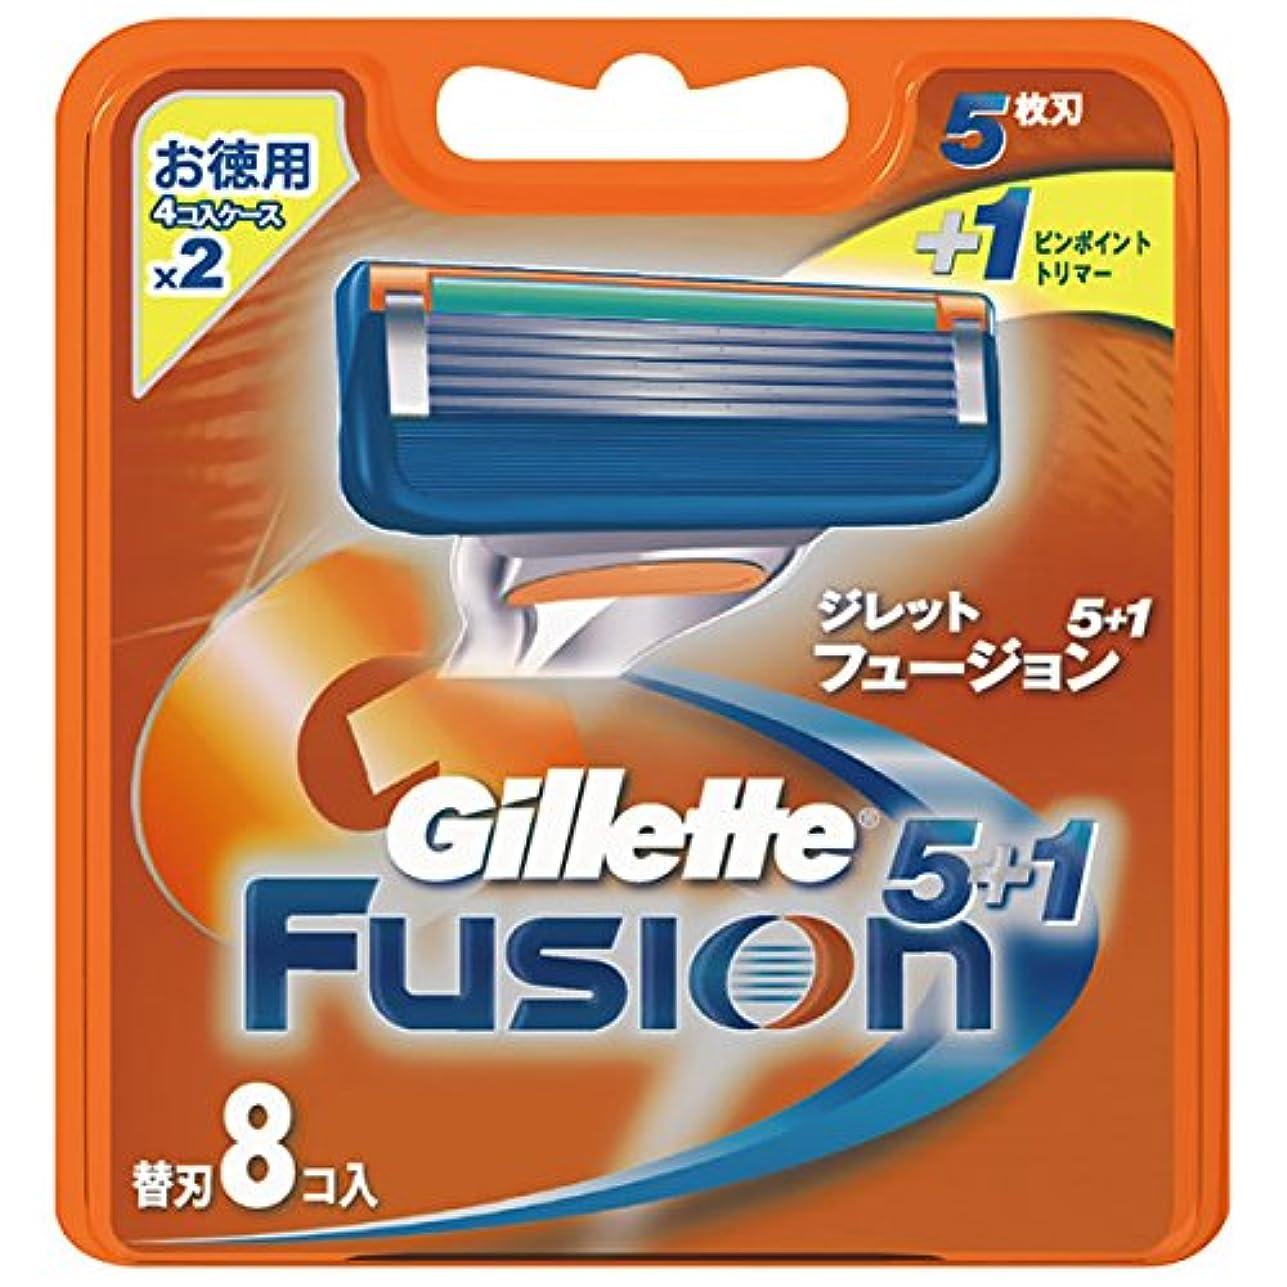 ジレット フュージョン5+1替刃 8B × 5個セット